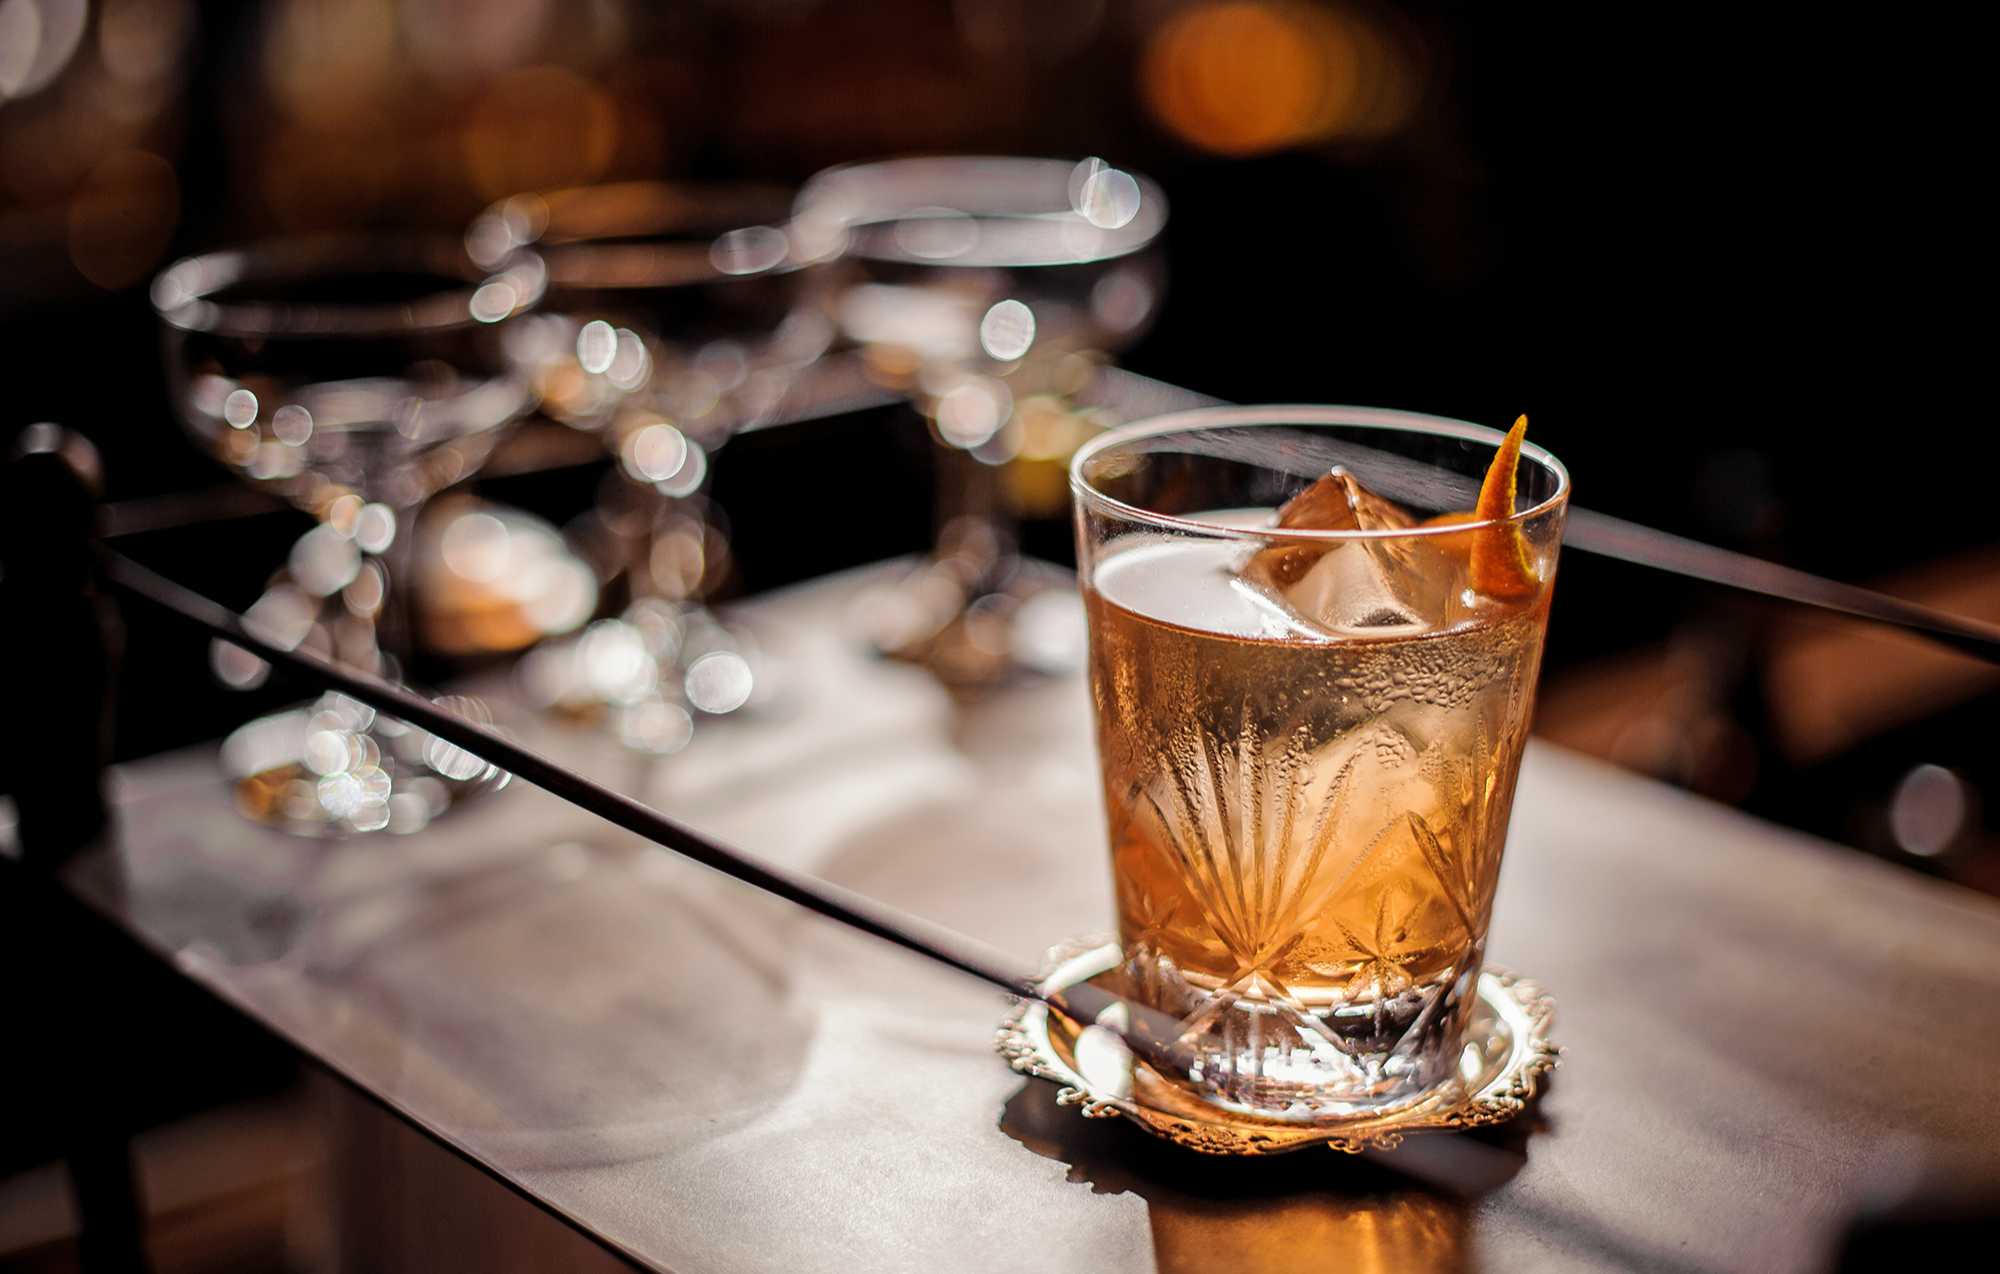 gin-tasting-online-bg2